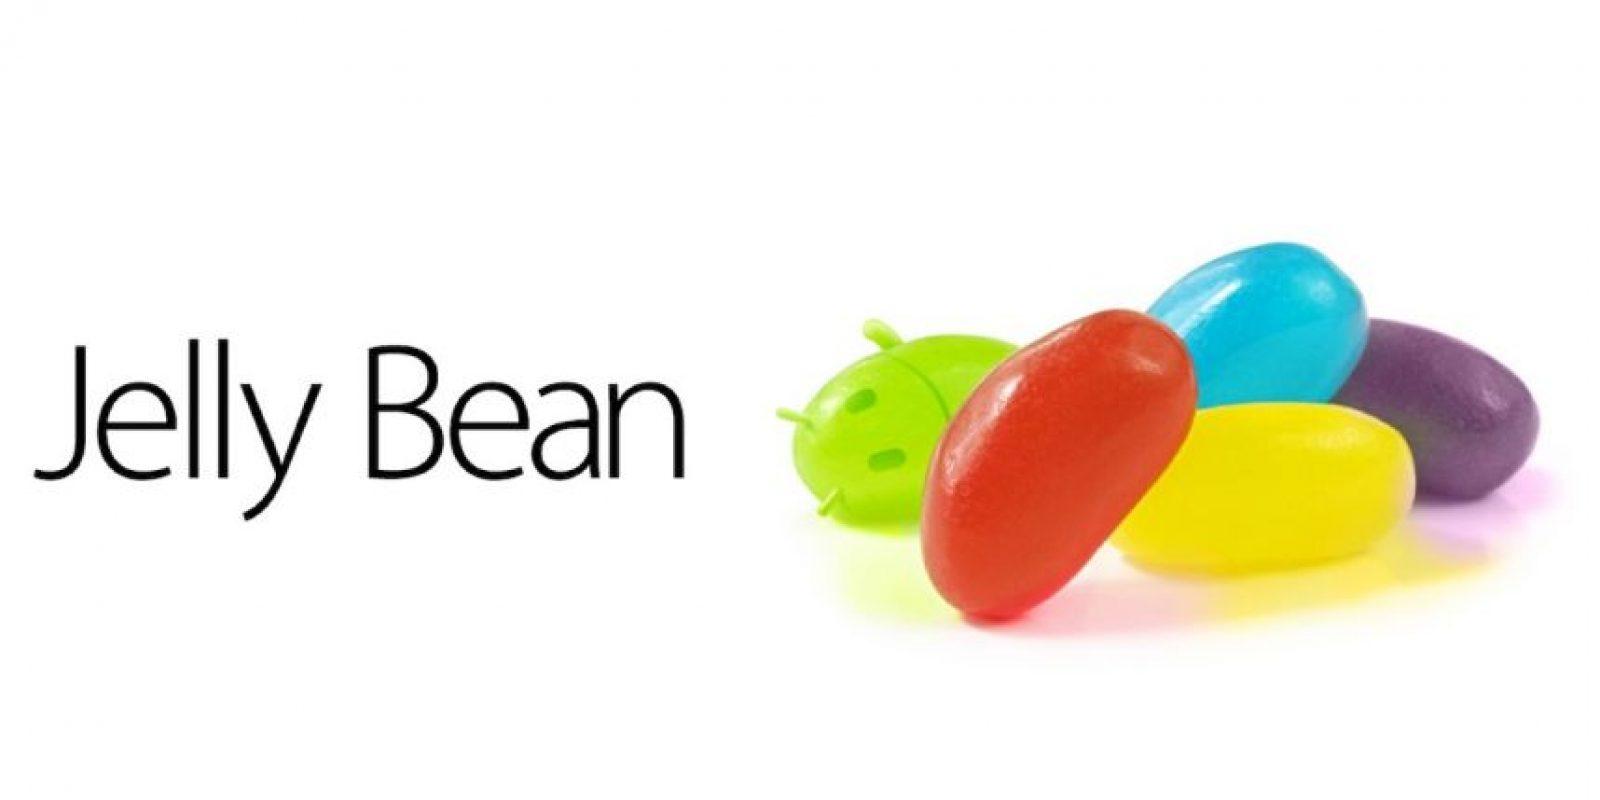 Más de mil millones de usuarios tienen sistema operativo Android Jelly Bean o inferior. Foto:Google